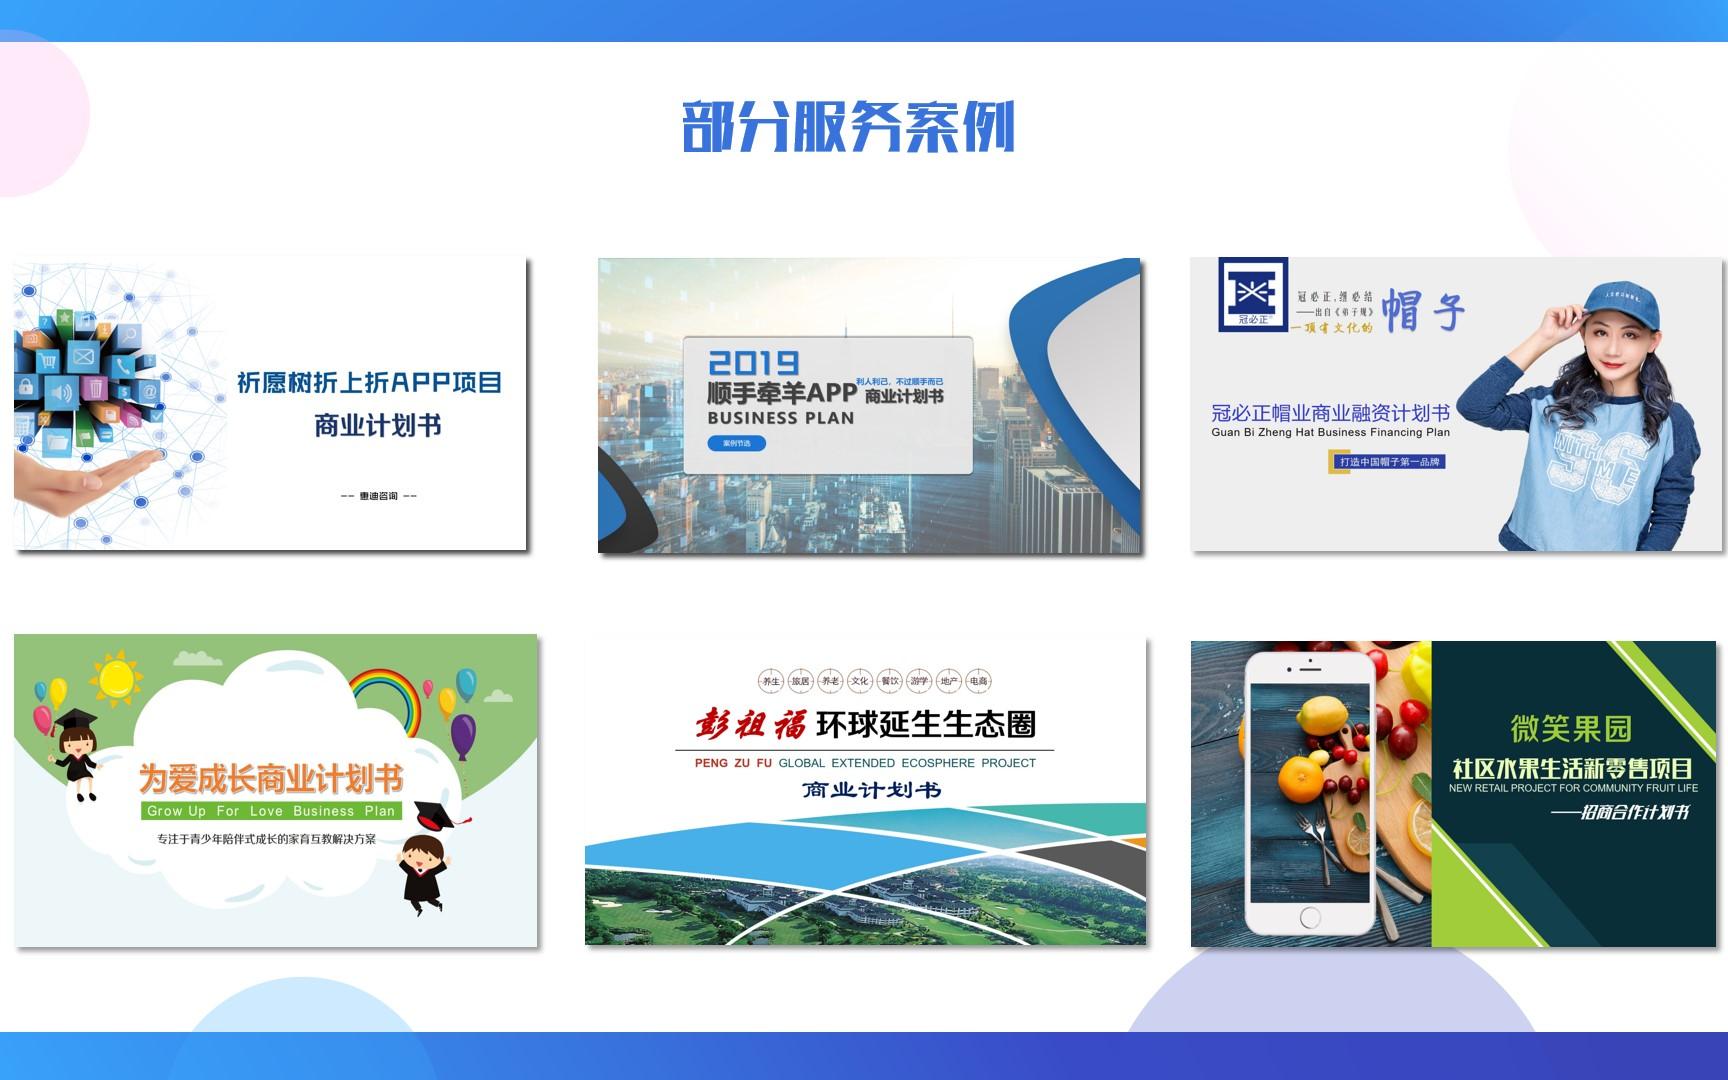 商业计划书融资创业计划书运营招商策划案路演PPT一站式编写